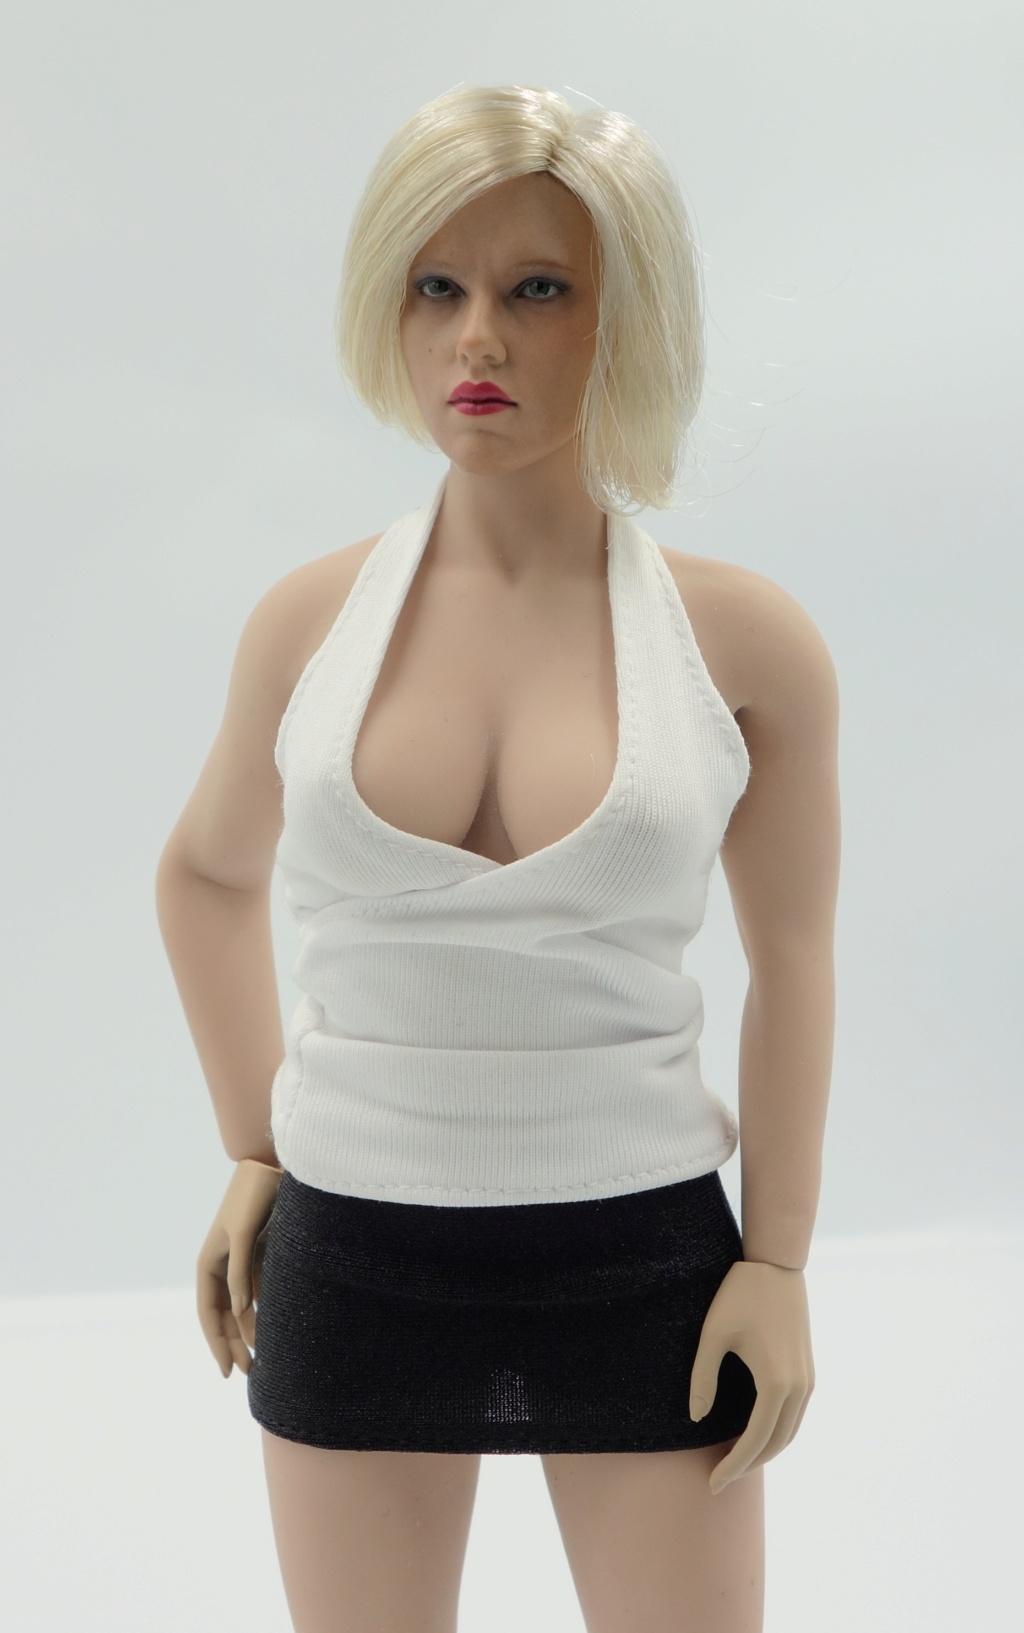 s29b - NEW PRODUCT: TBLeague 1/6 steel bone plastic buxom girl body S28A pale color & S29B suntan color - Page 3 Dsc06712